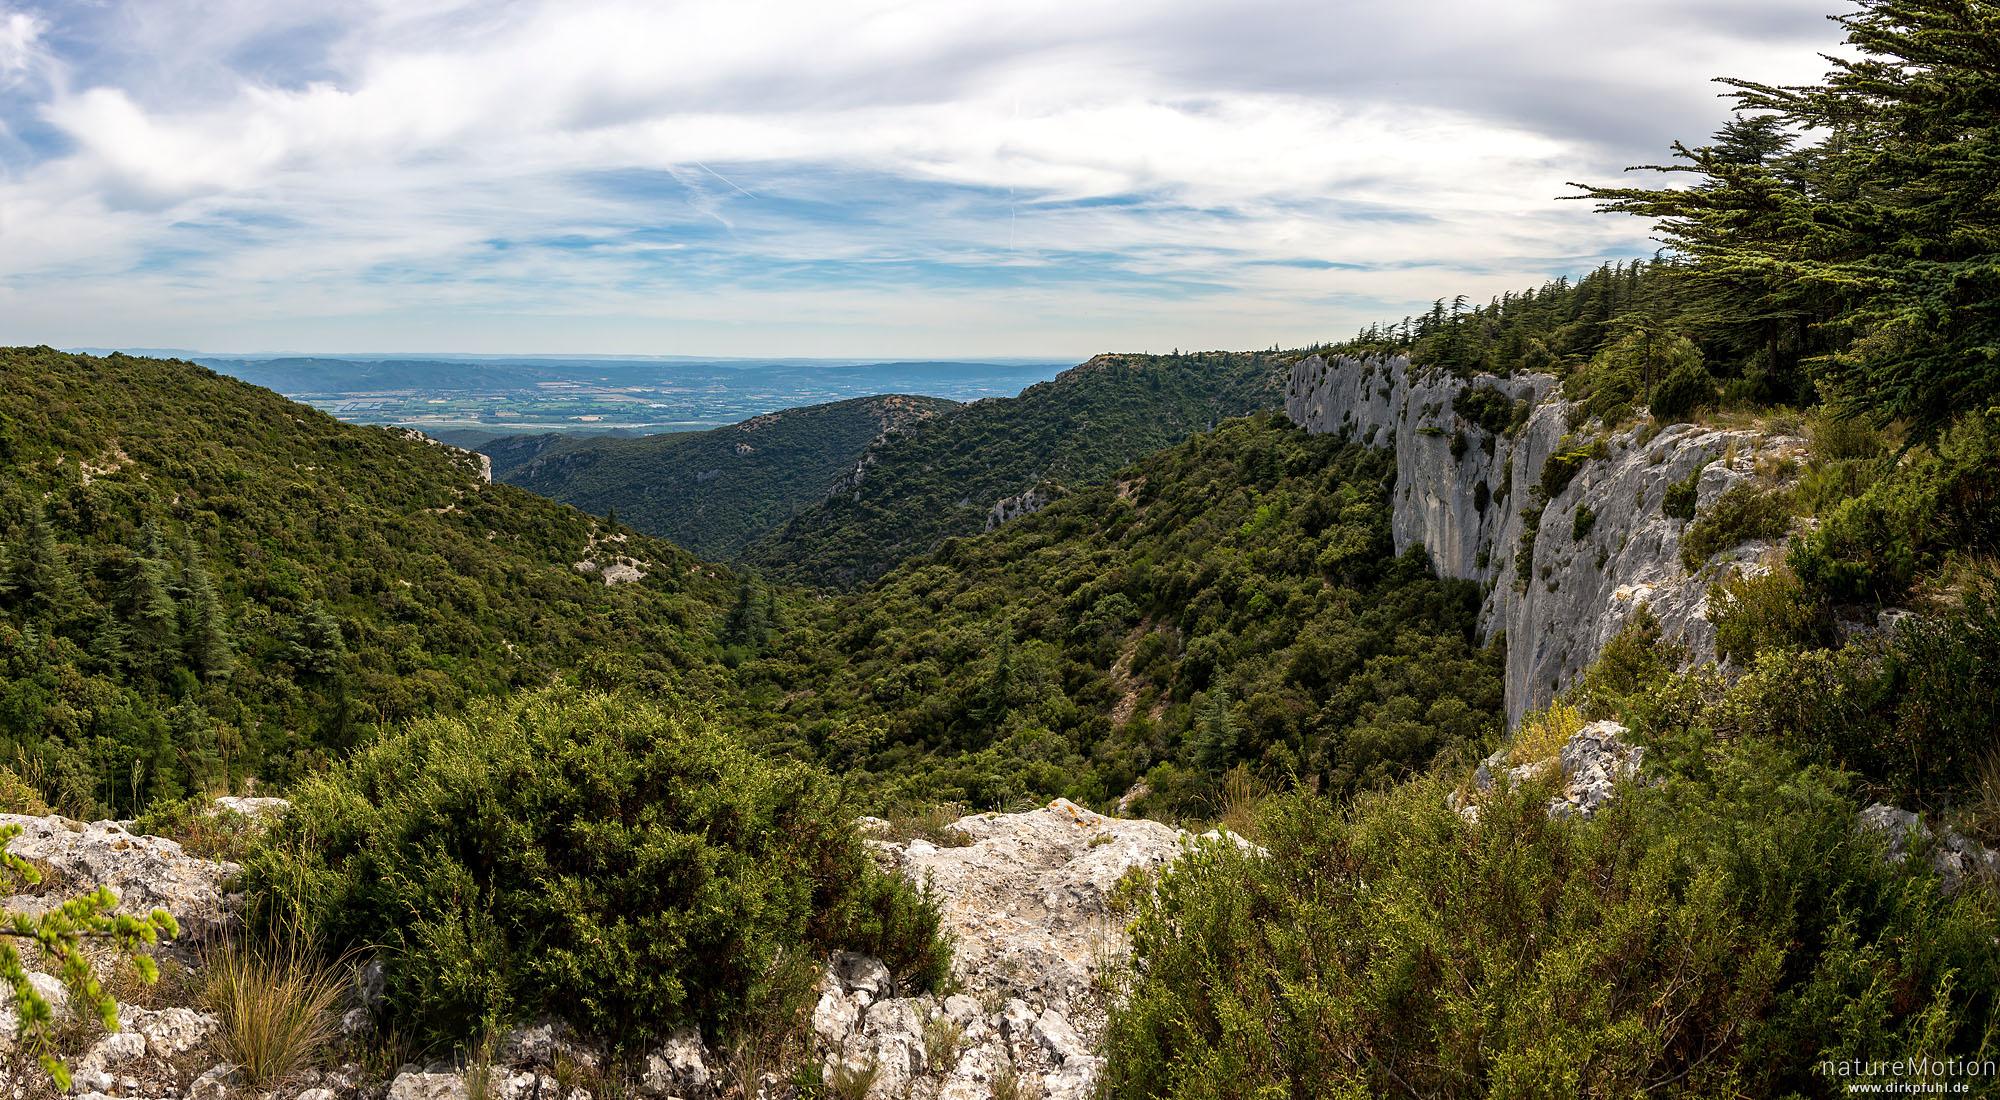 Kalkklippen, Forêt des cèdres du Luberon, Bonnieux - Provence, Frankreich